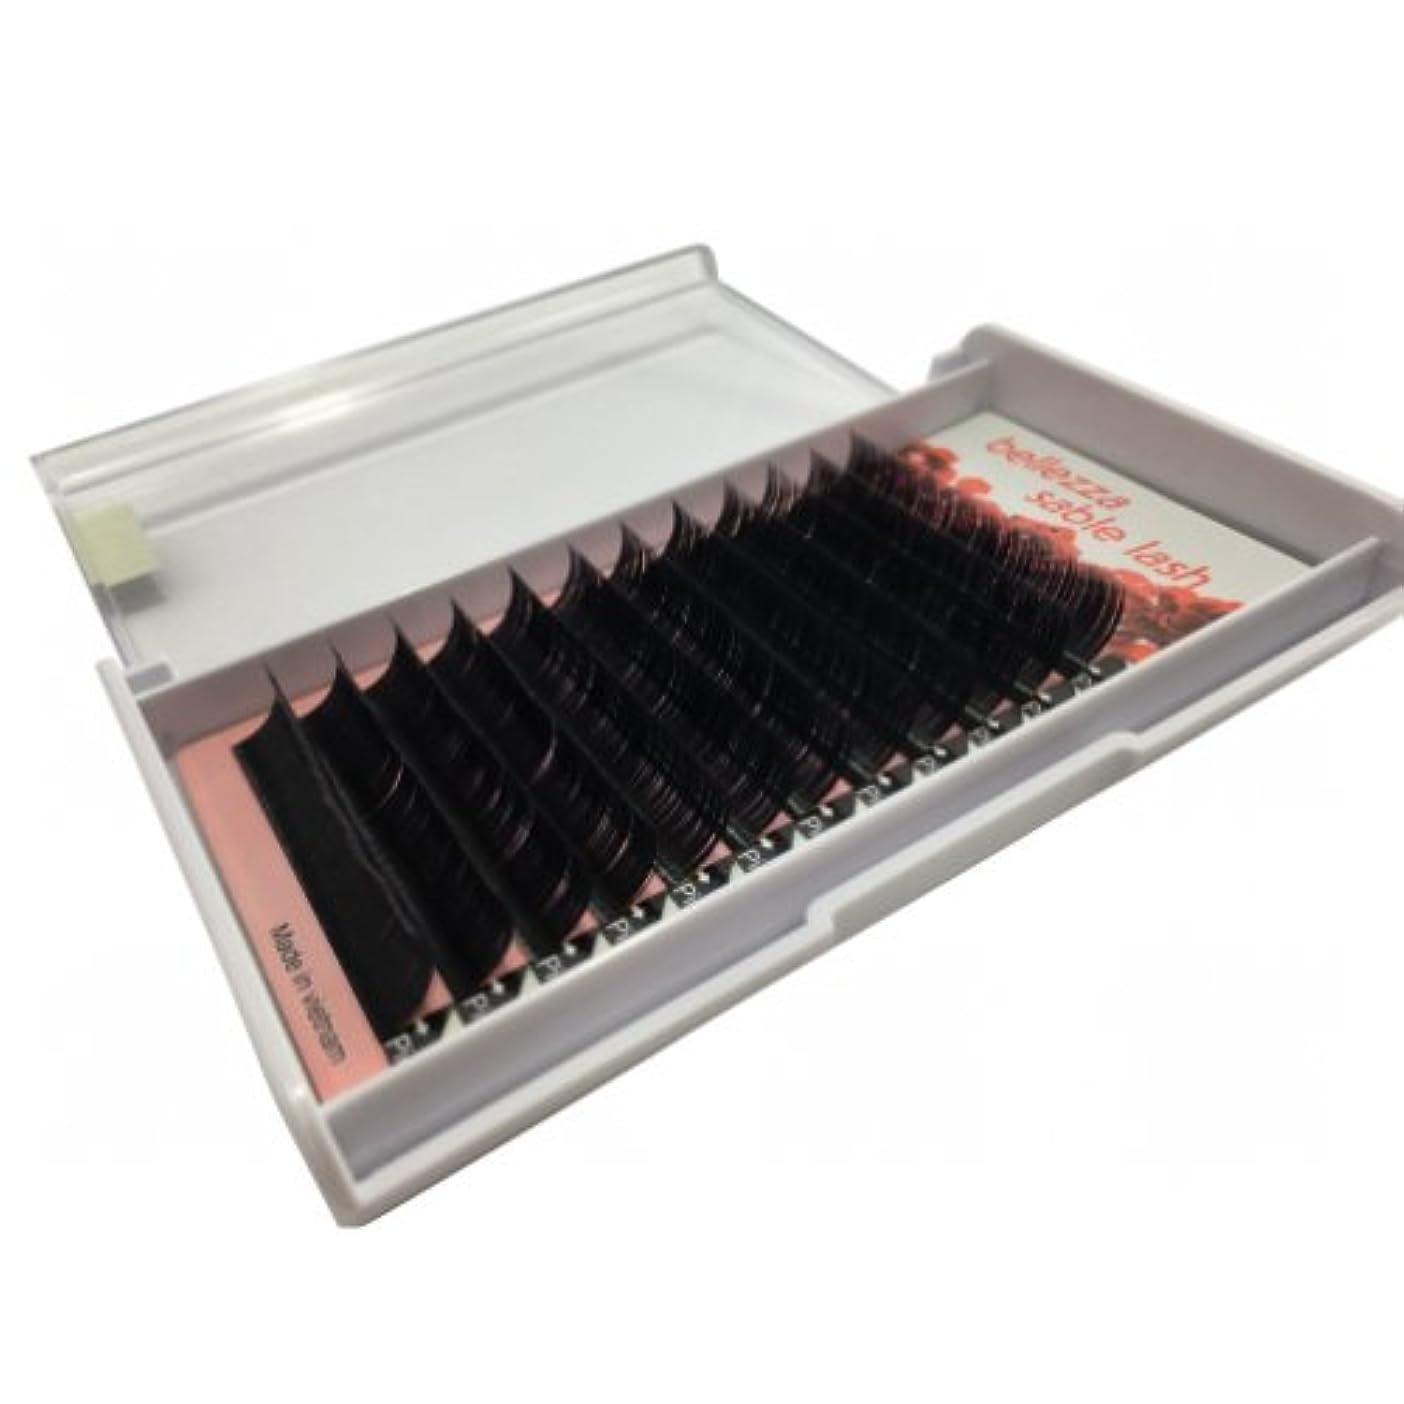 ふさわしい箱デコレーションボリュームラッシュ増量タイプ0.06mm CCカール (15mm)